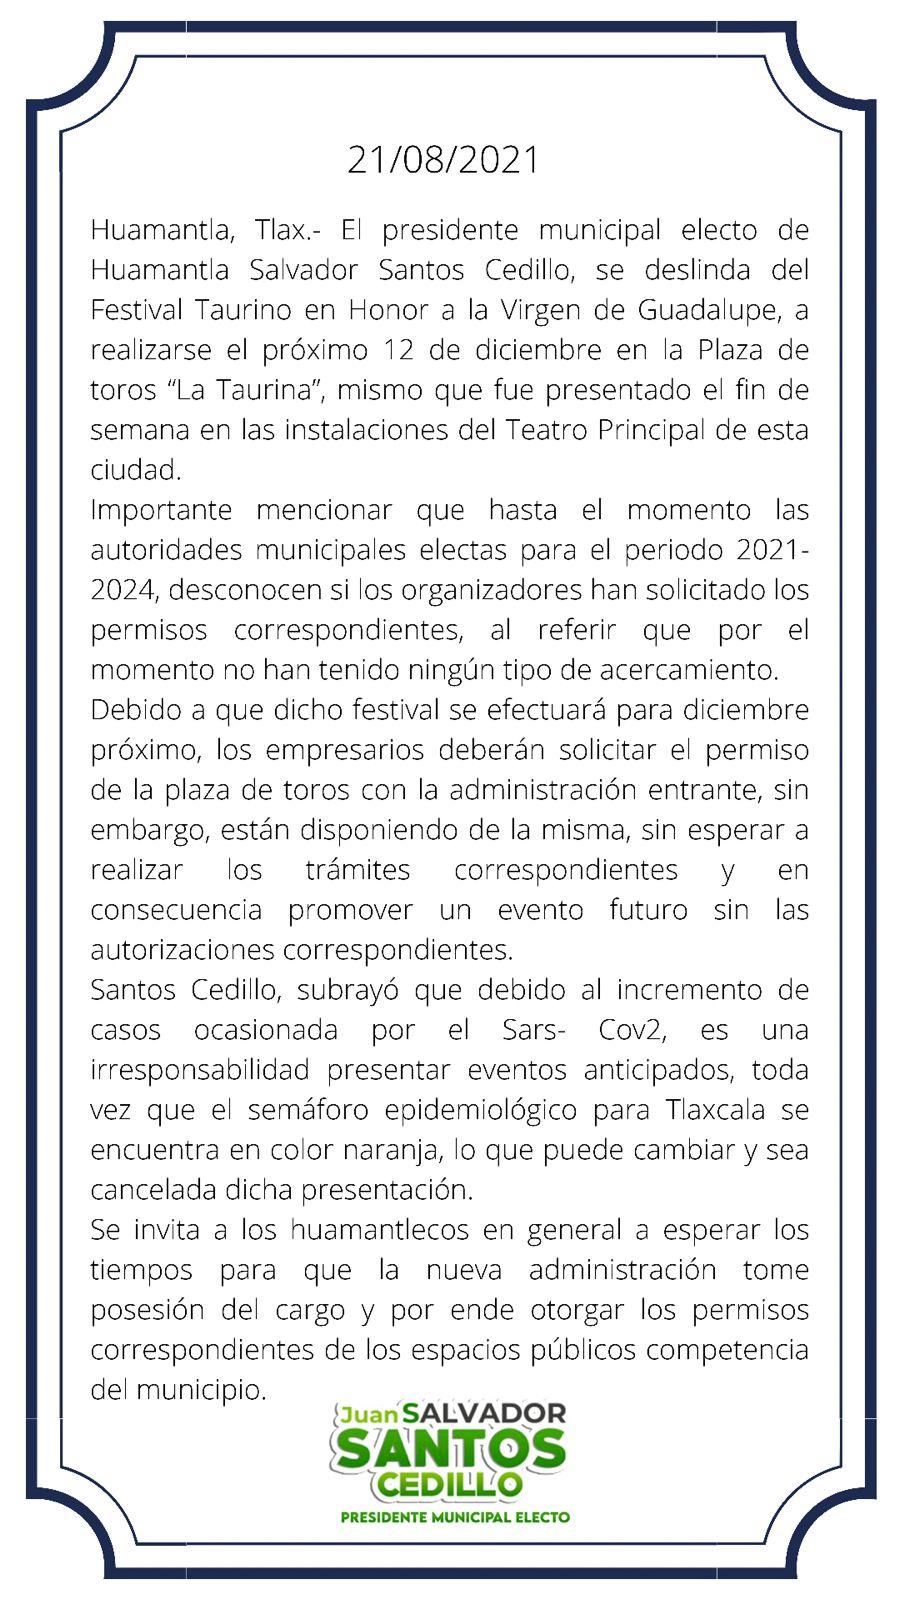 Se deslinda alcalde electo de Huamantla de Festival Taurino a realizarse el próximo12 de diciembre